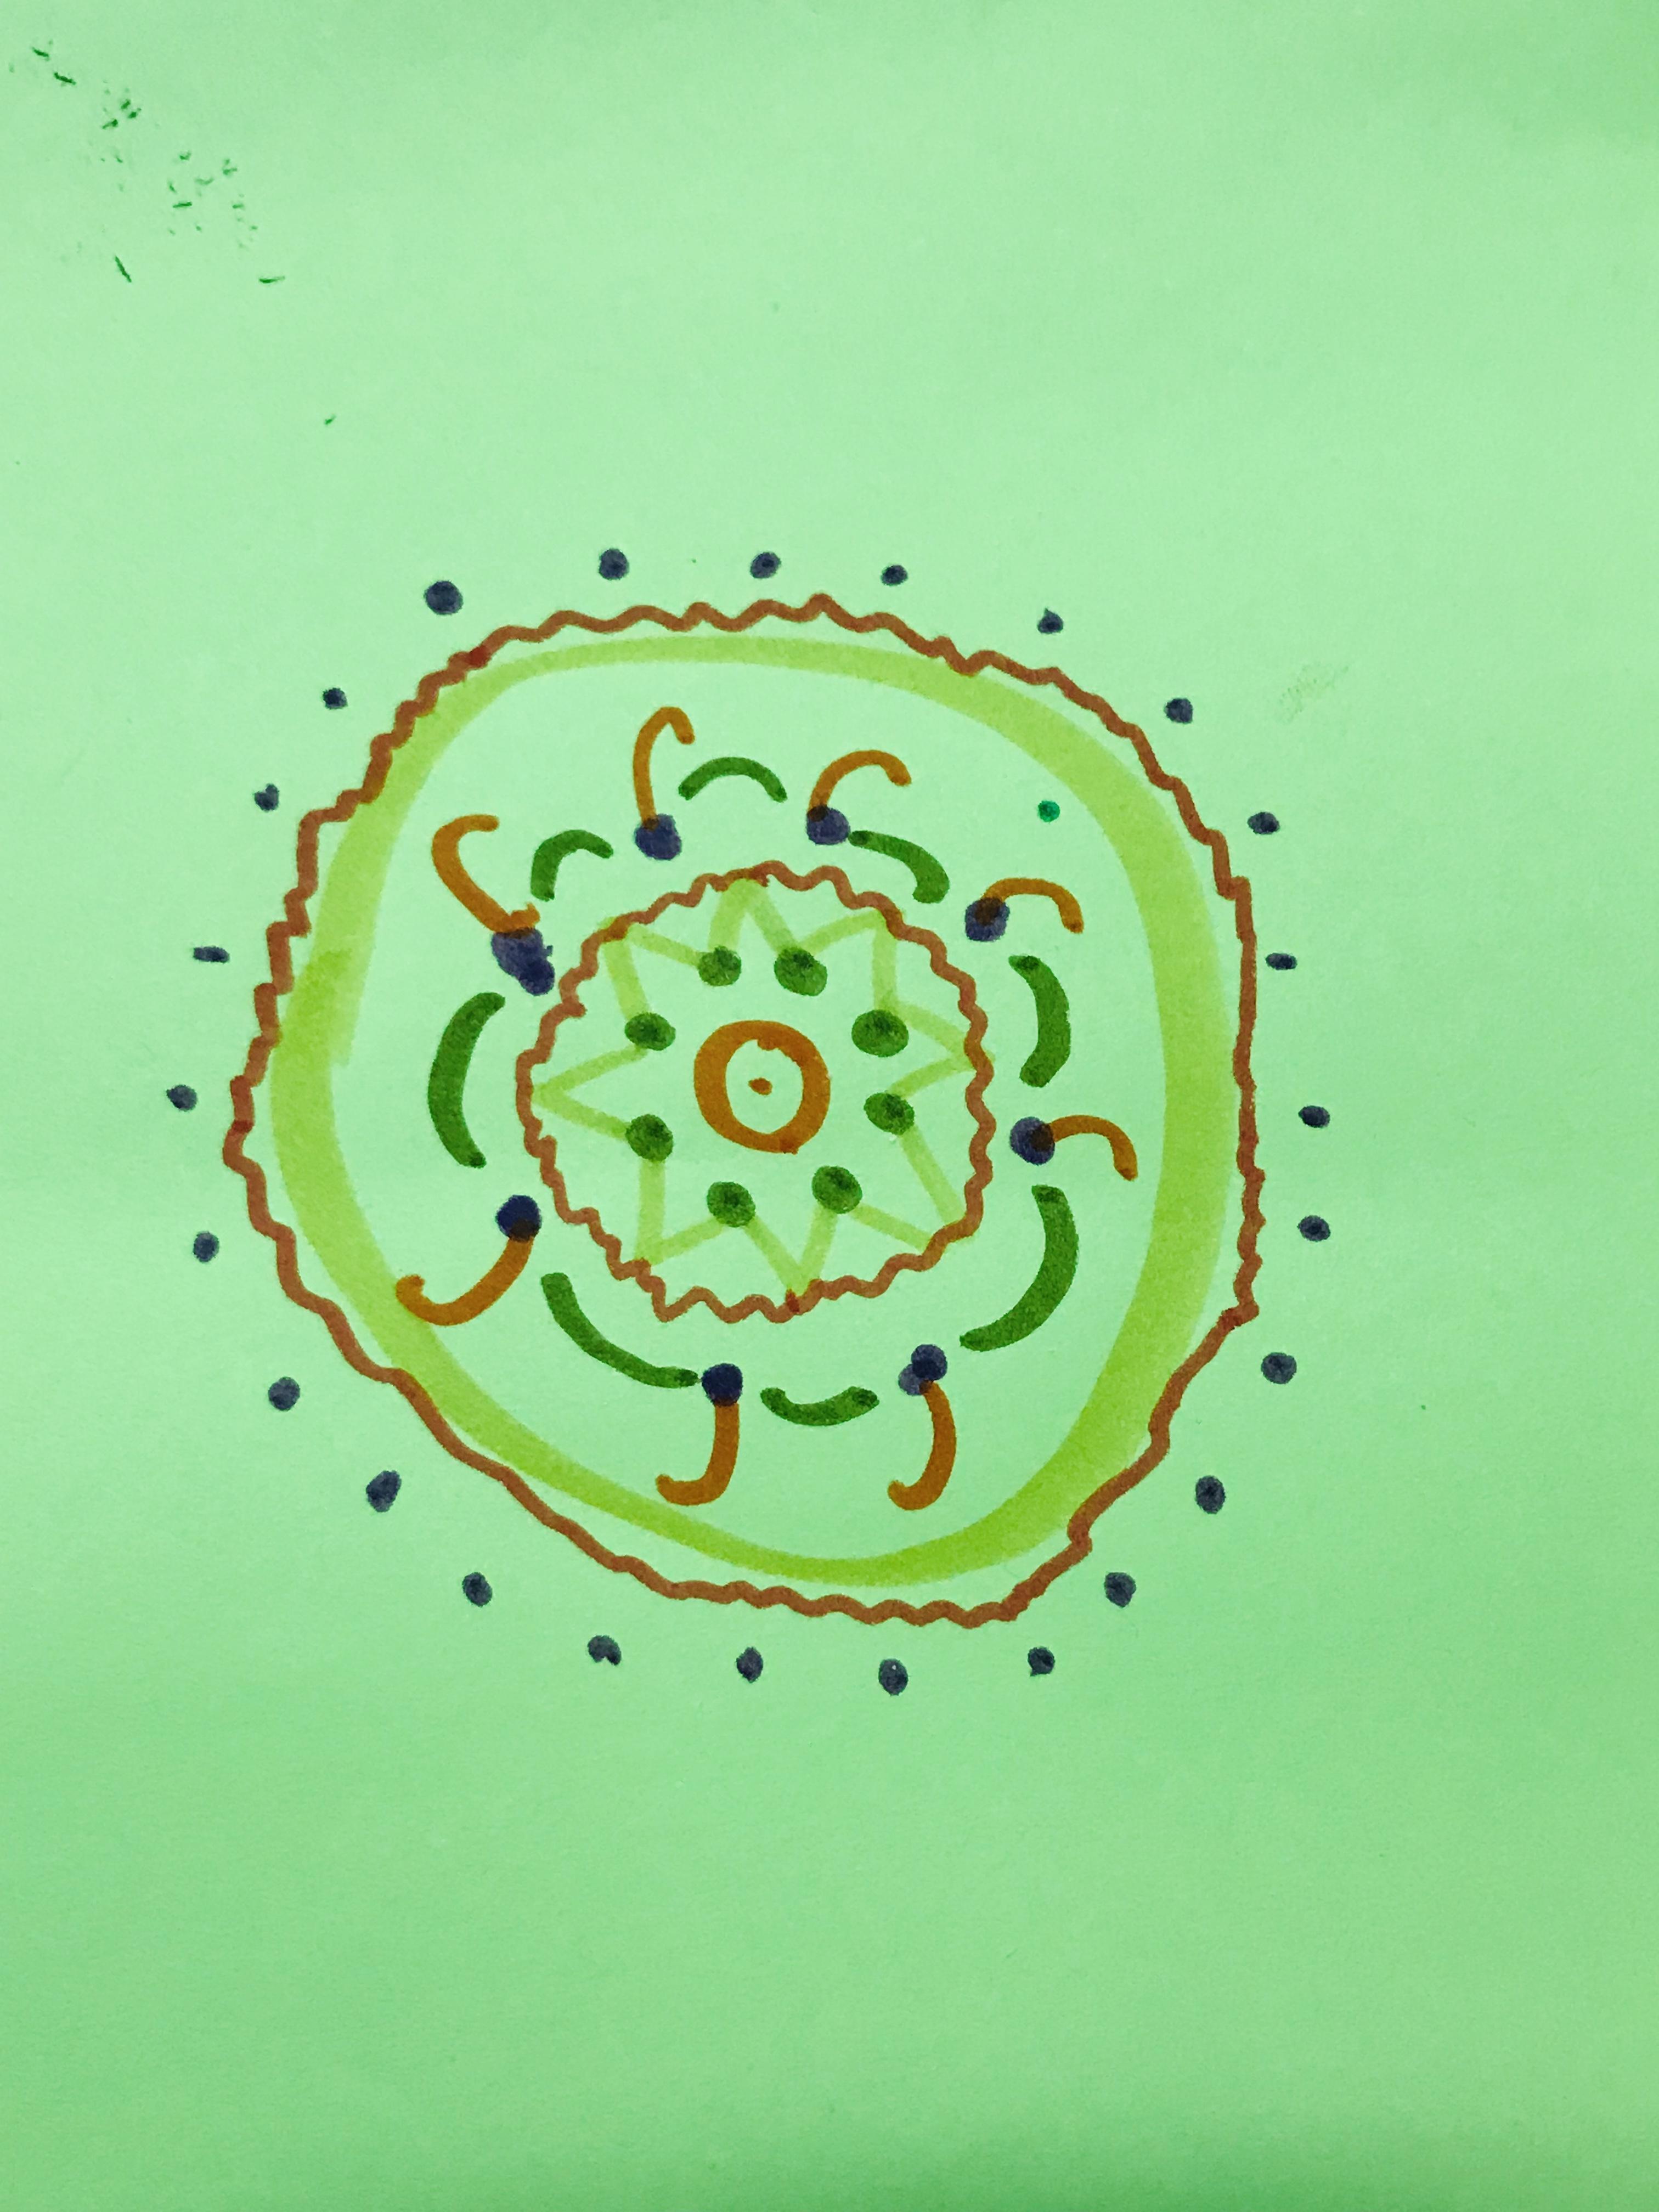 Green circular mandala